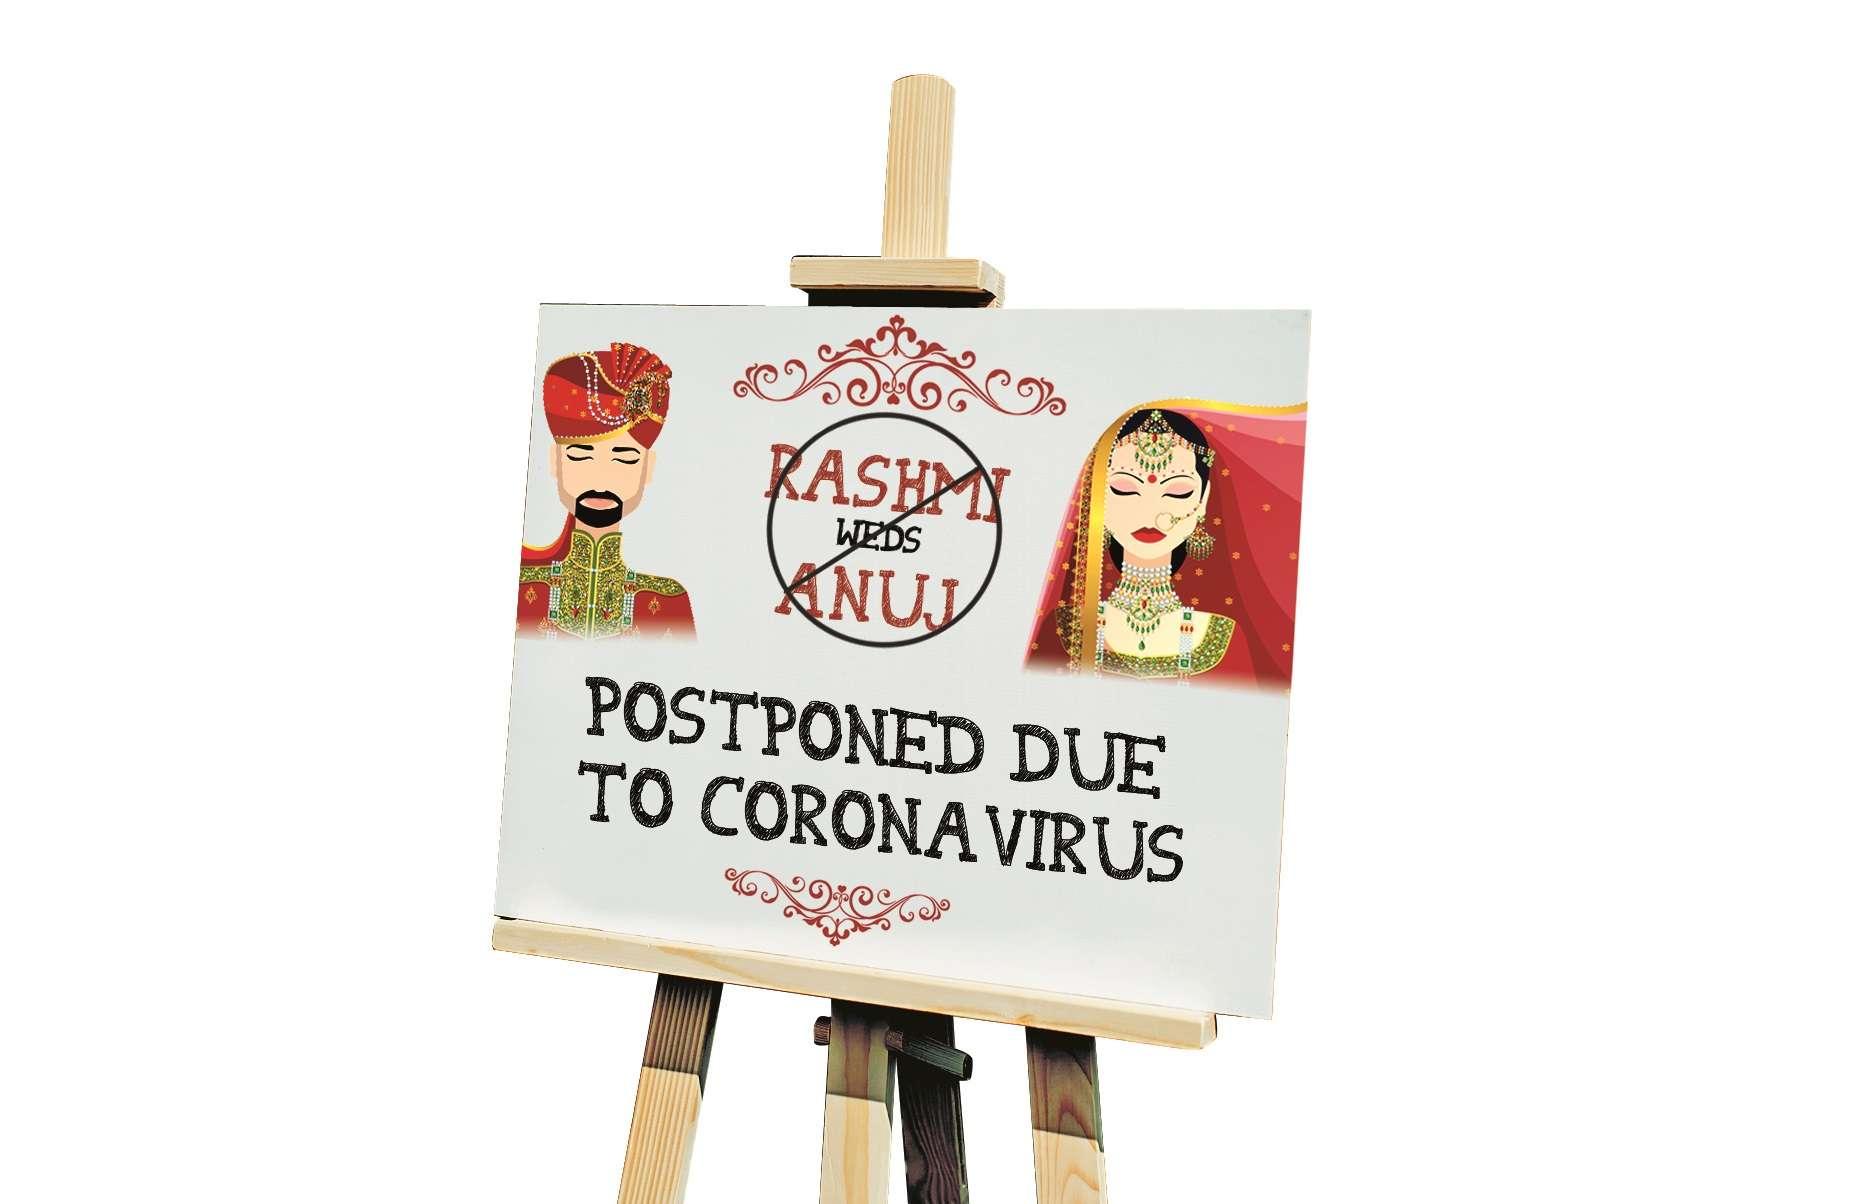 Wed postponed